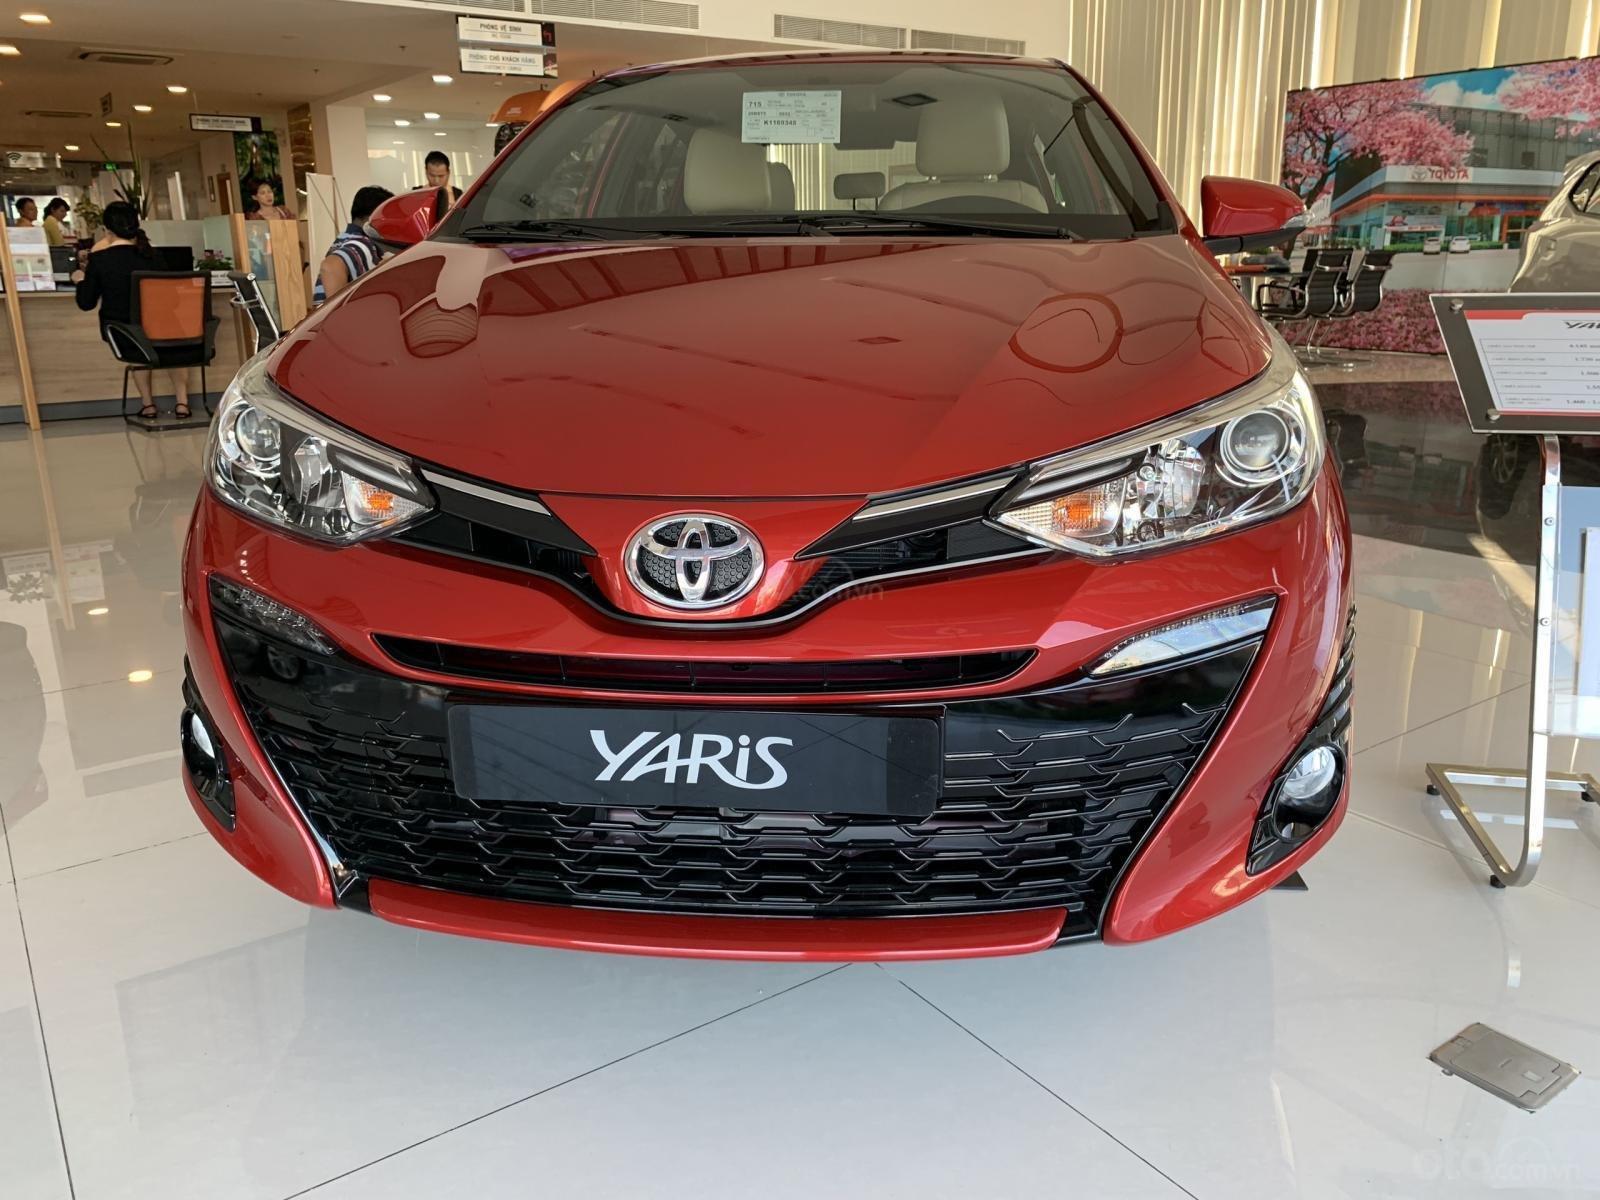 Bán Toyota Yaris 1.5G CVT 2019, màu đỏ, nhập khẩu Thái, 620 triệu - LH: 0943.134.210 (1)